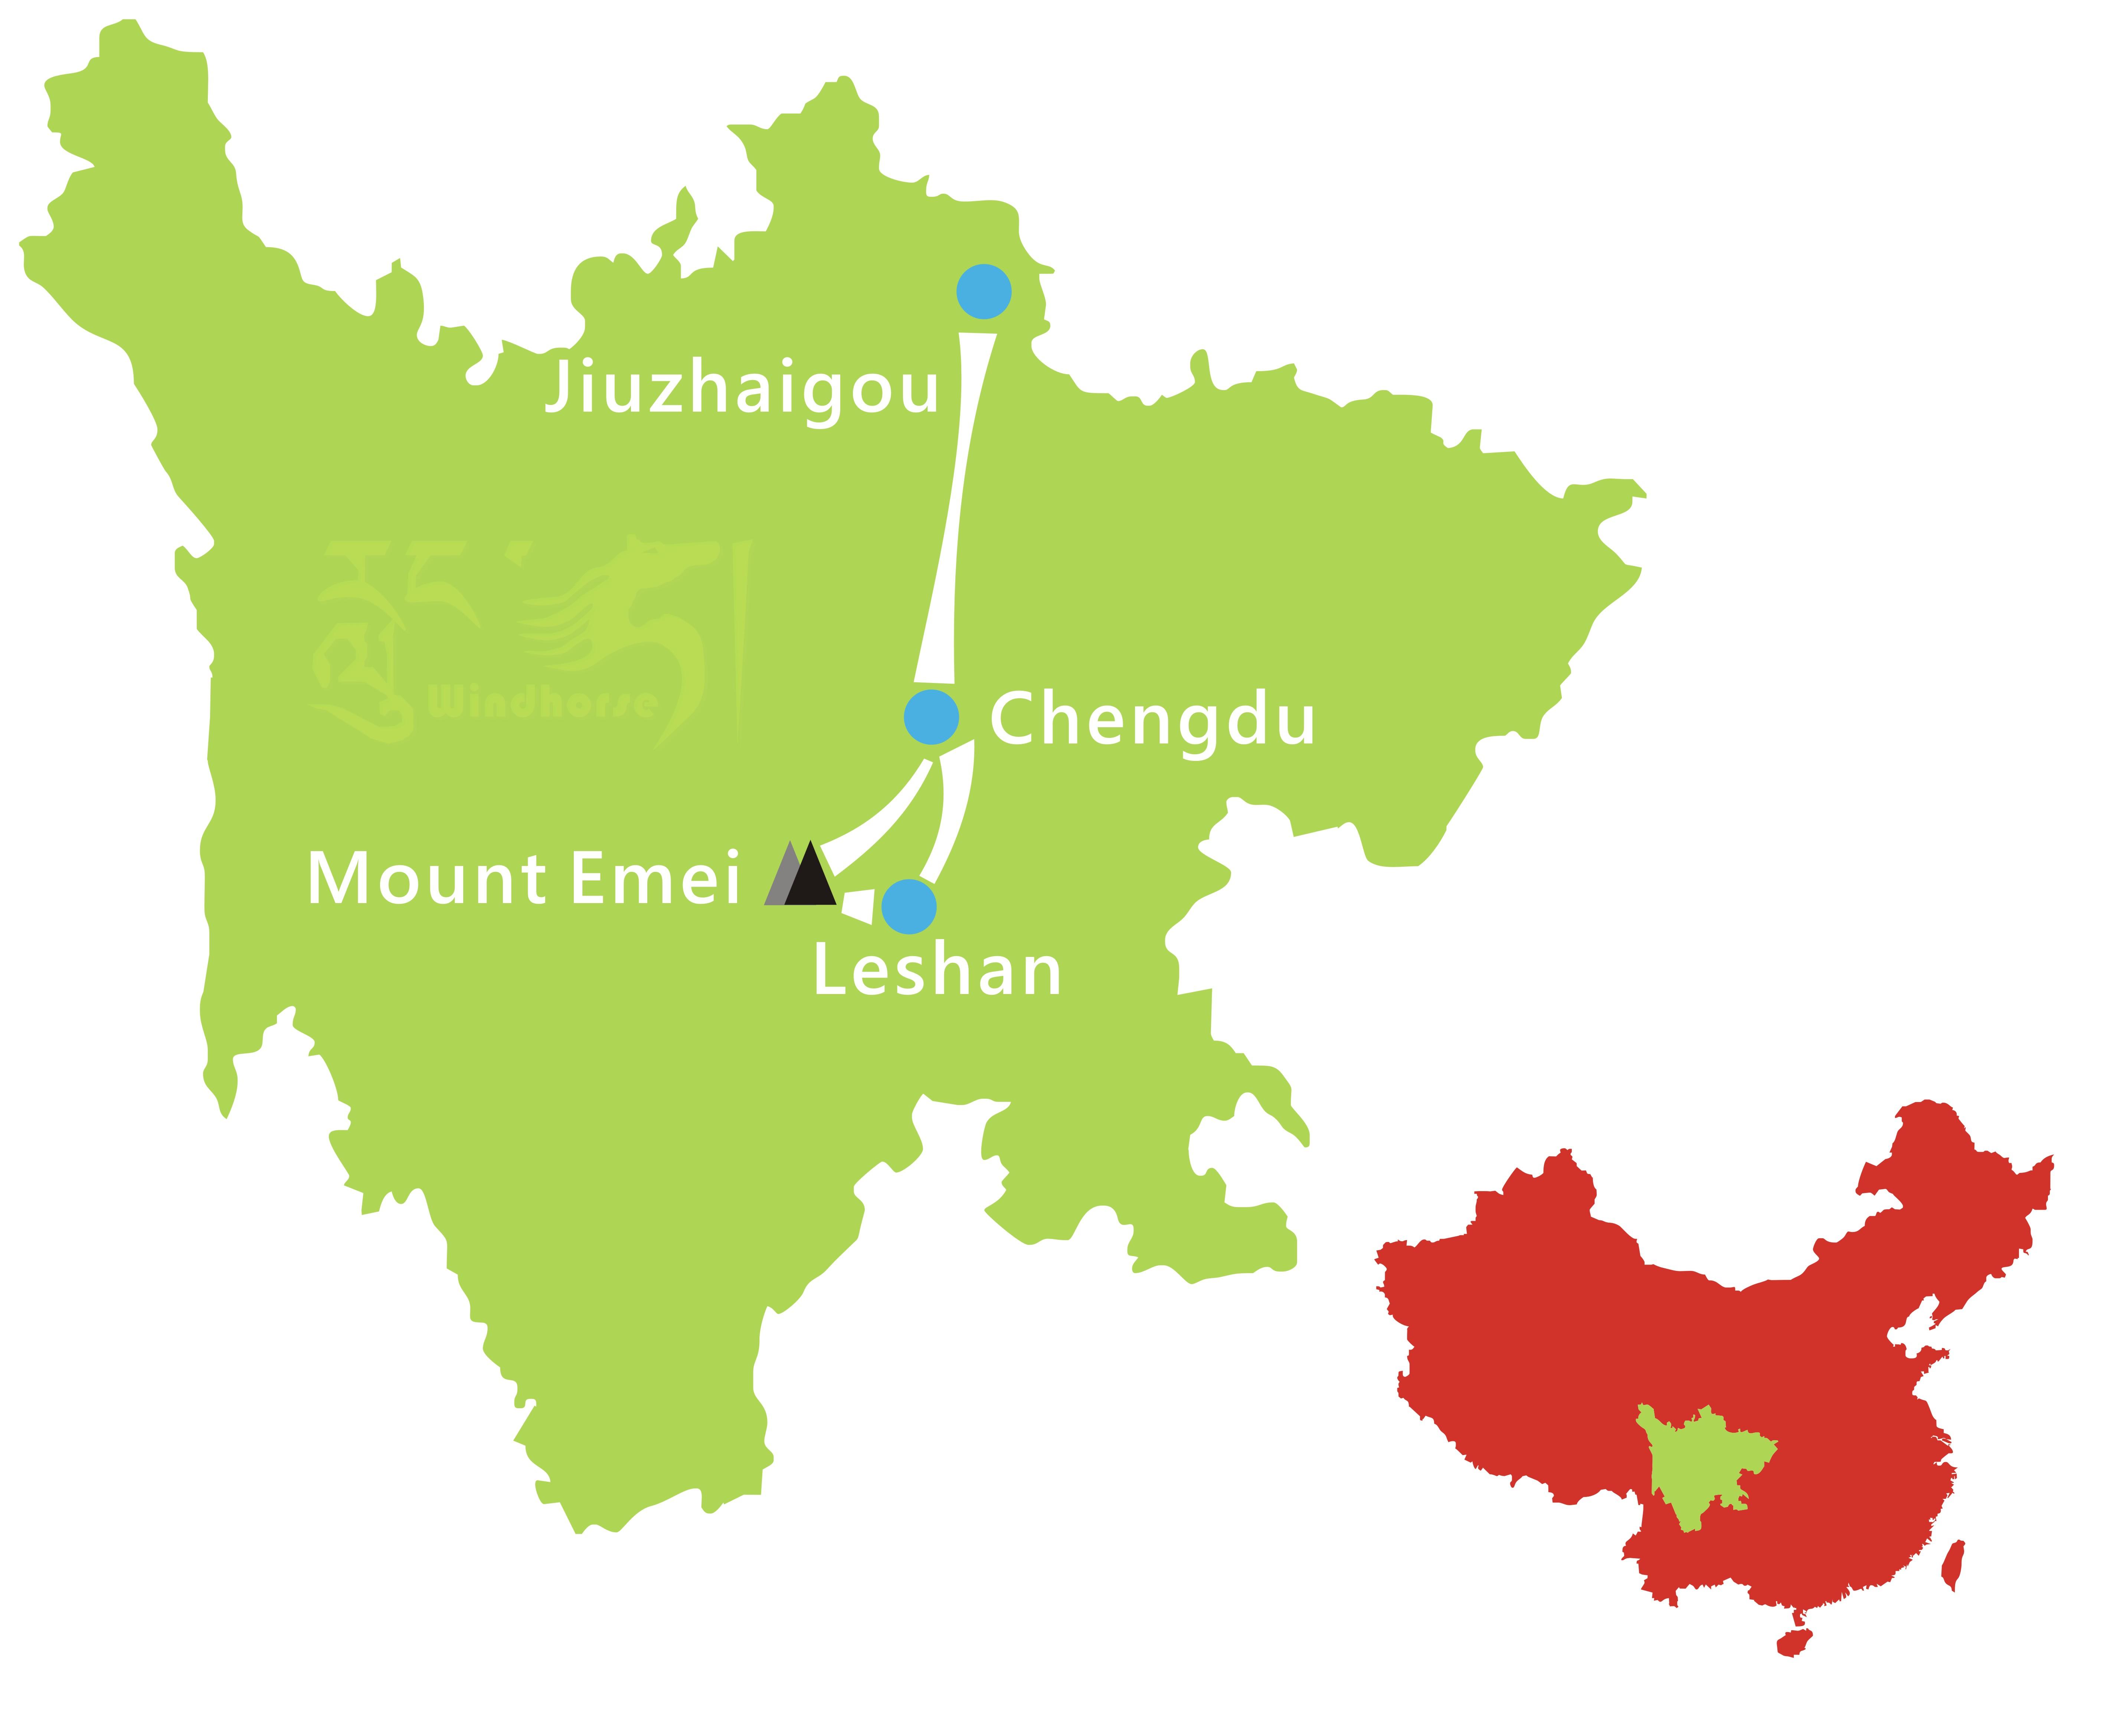 Jiuzhaigou Mount Emei Tour Route